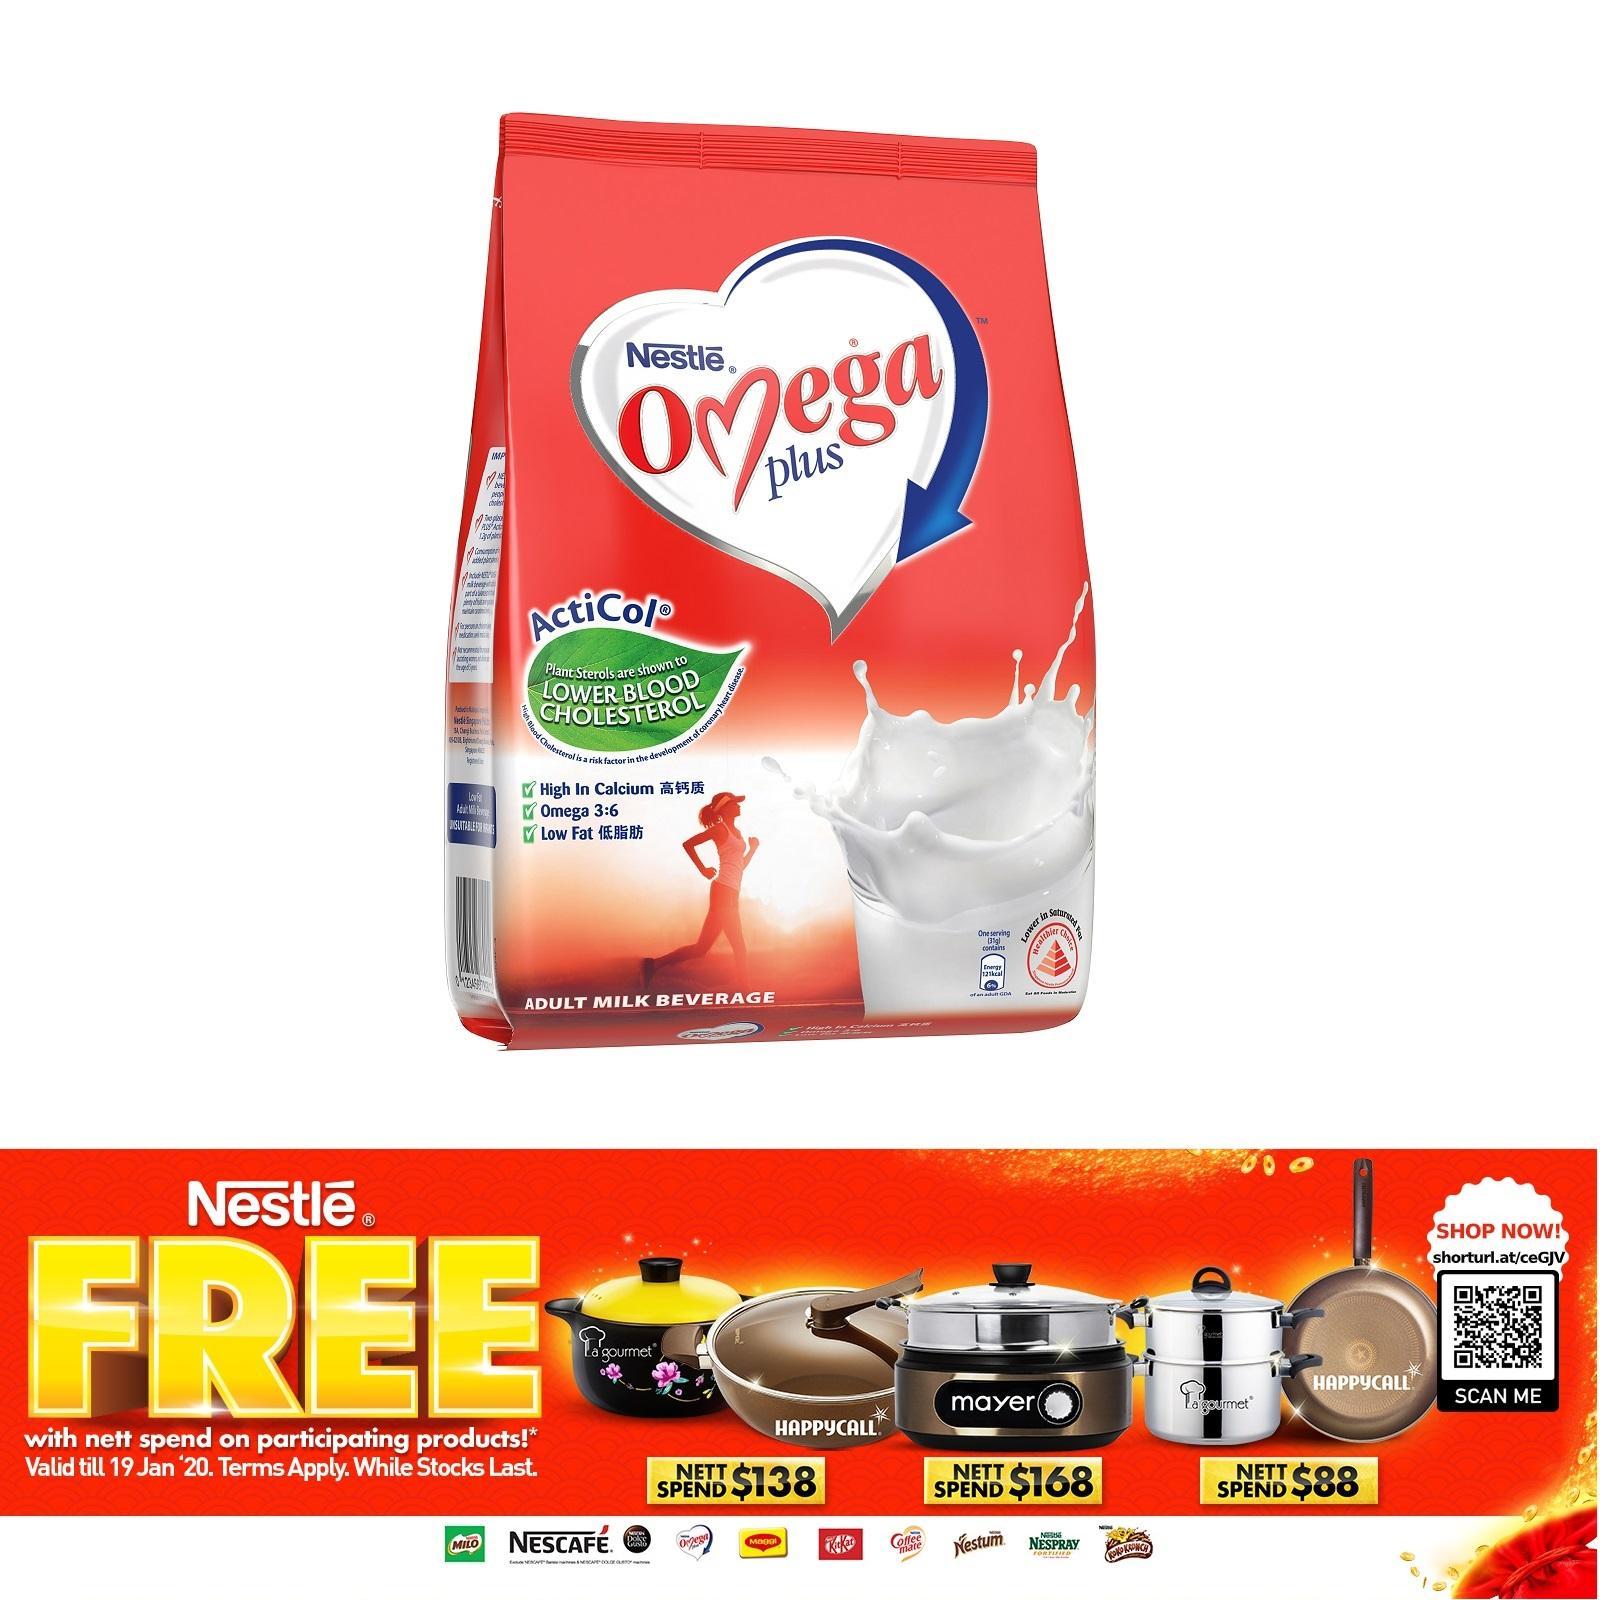 OMEGA PLUS Omega Plus Acticol Milk Powder 600g